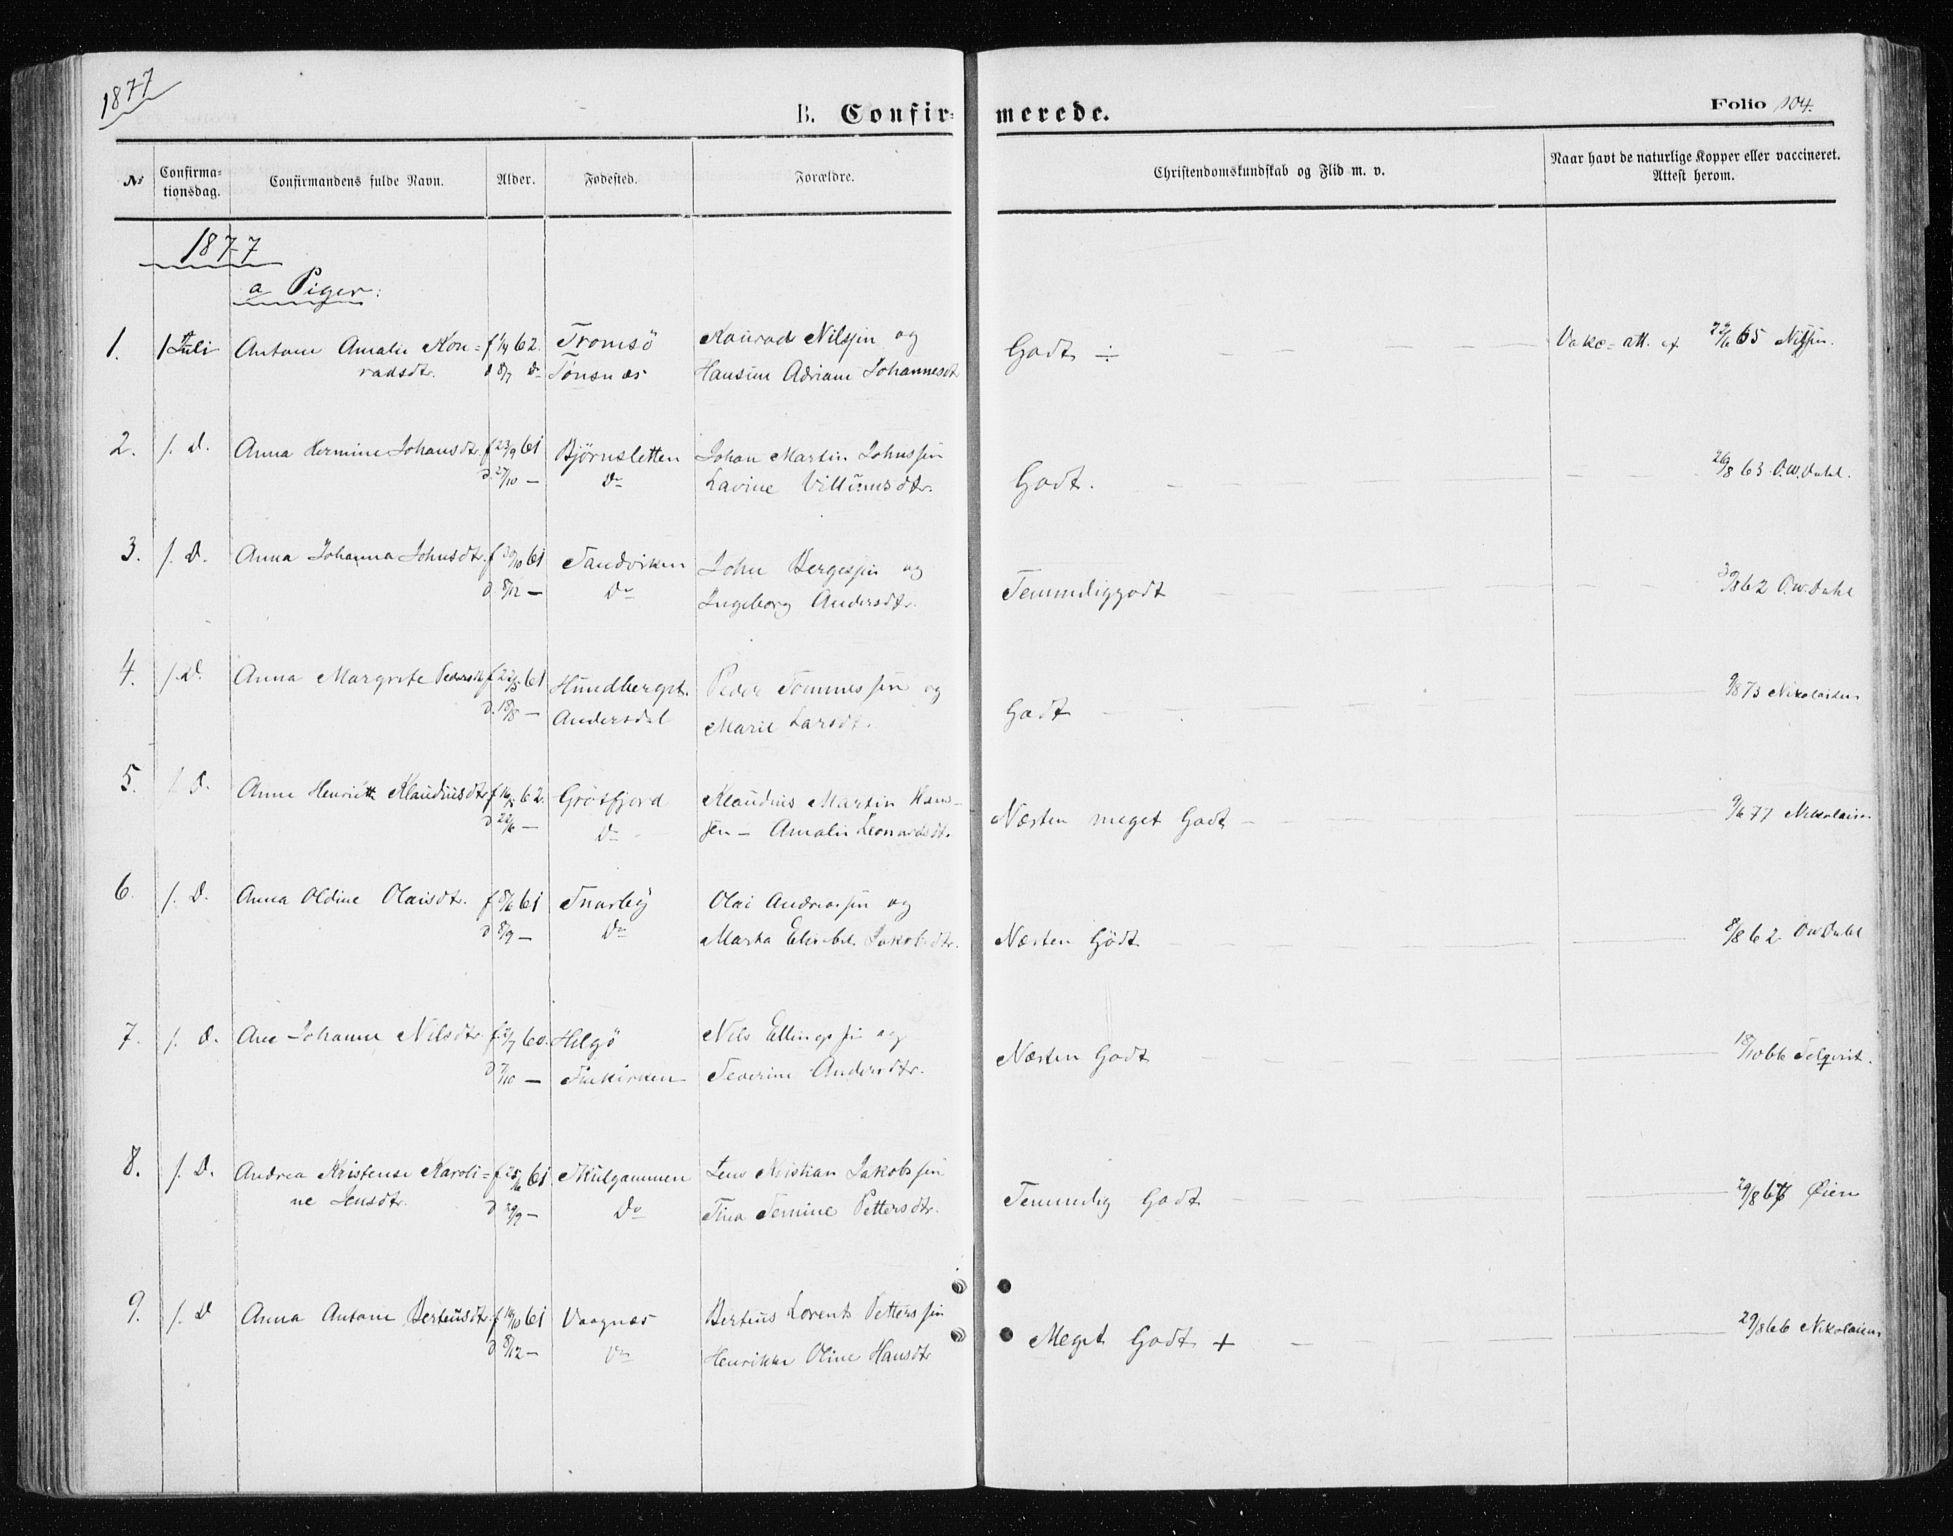 SATØ, Tromsøysund sokneprestkontor, G/Ga/L0003kirke: Ministerialbok nr. 3, 1875-1880, s. 104